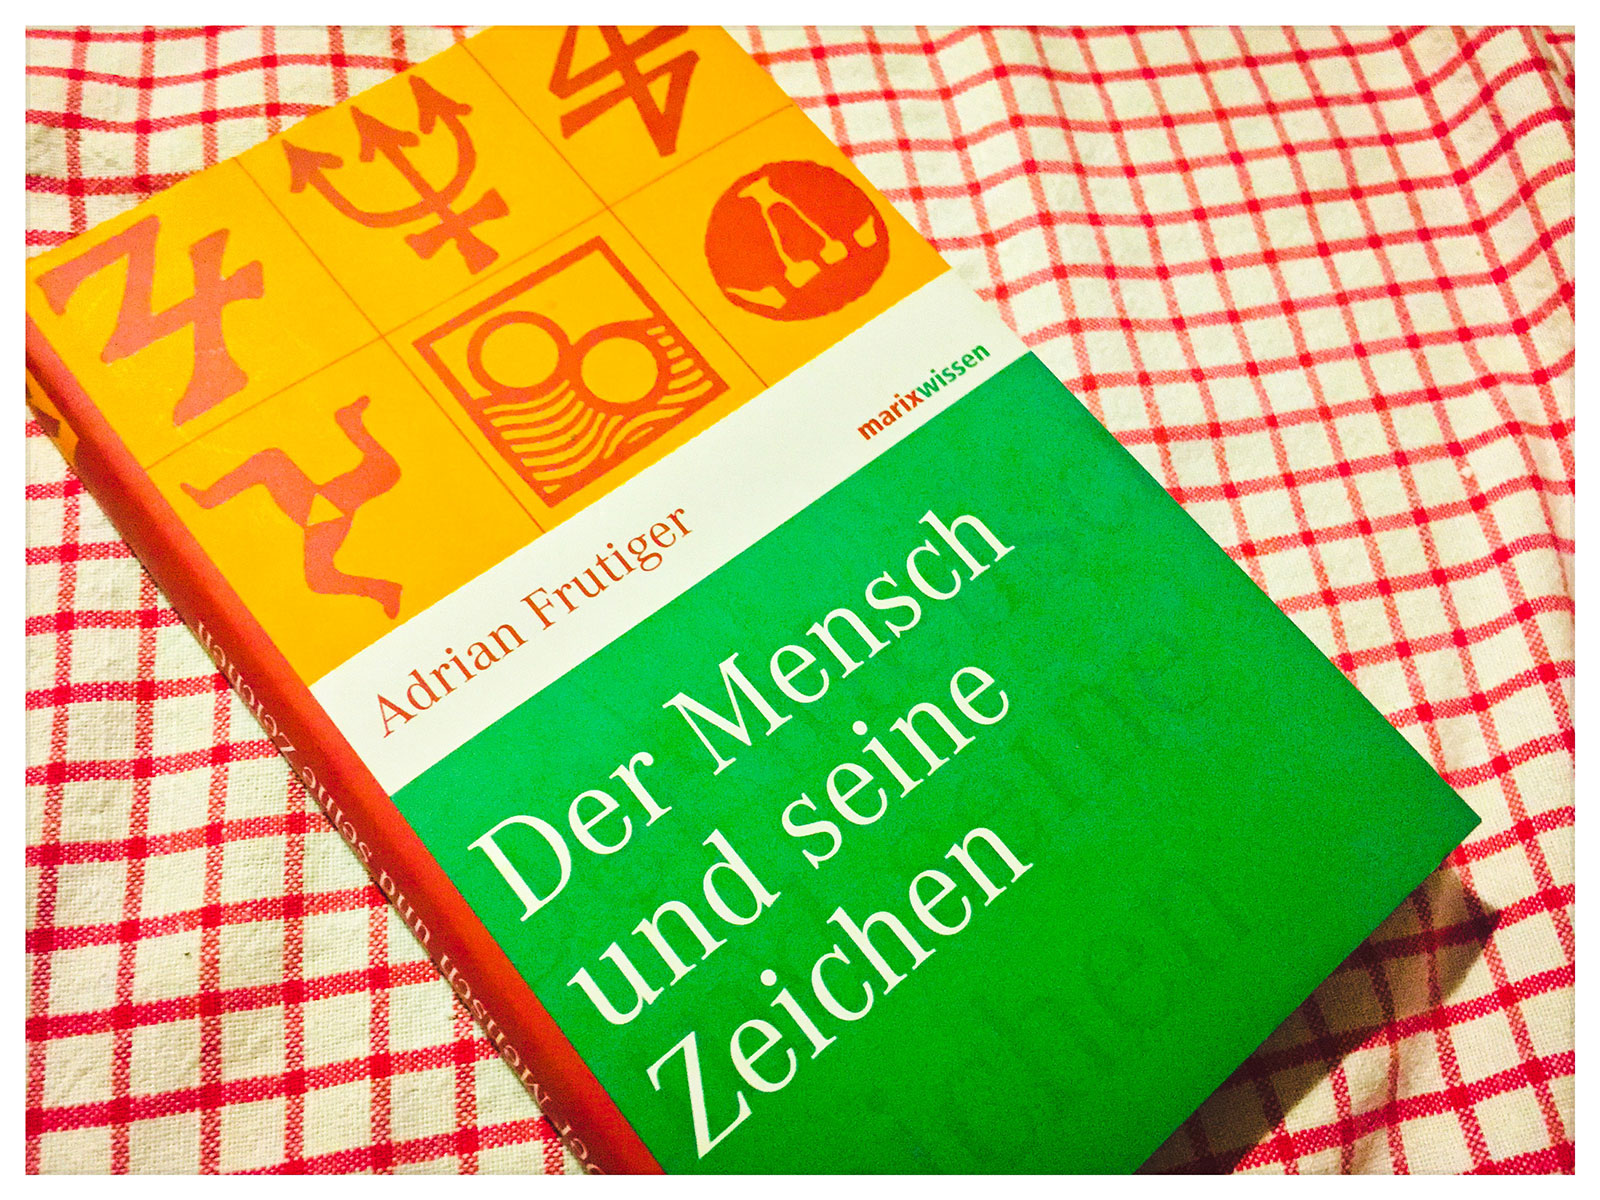 Adrian Frutiger - Der Mensch und seine Zeichen